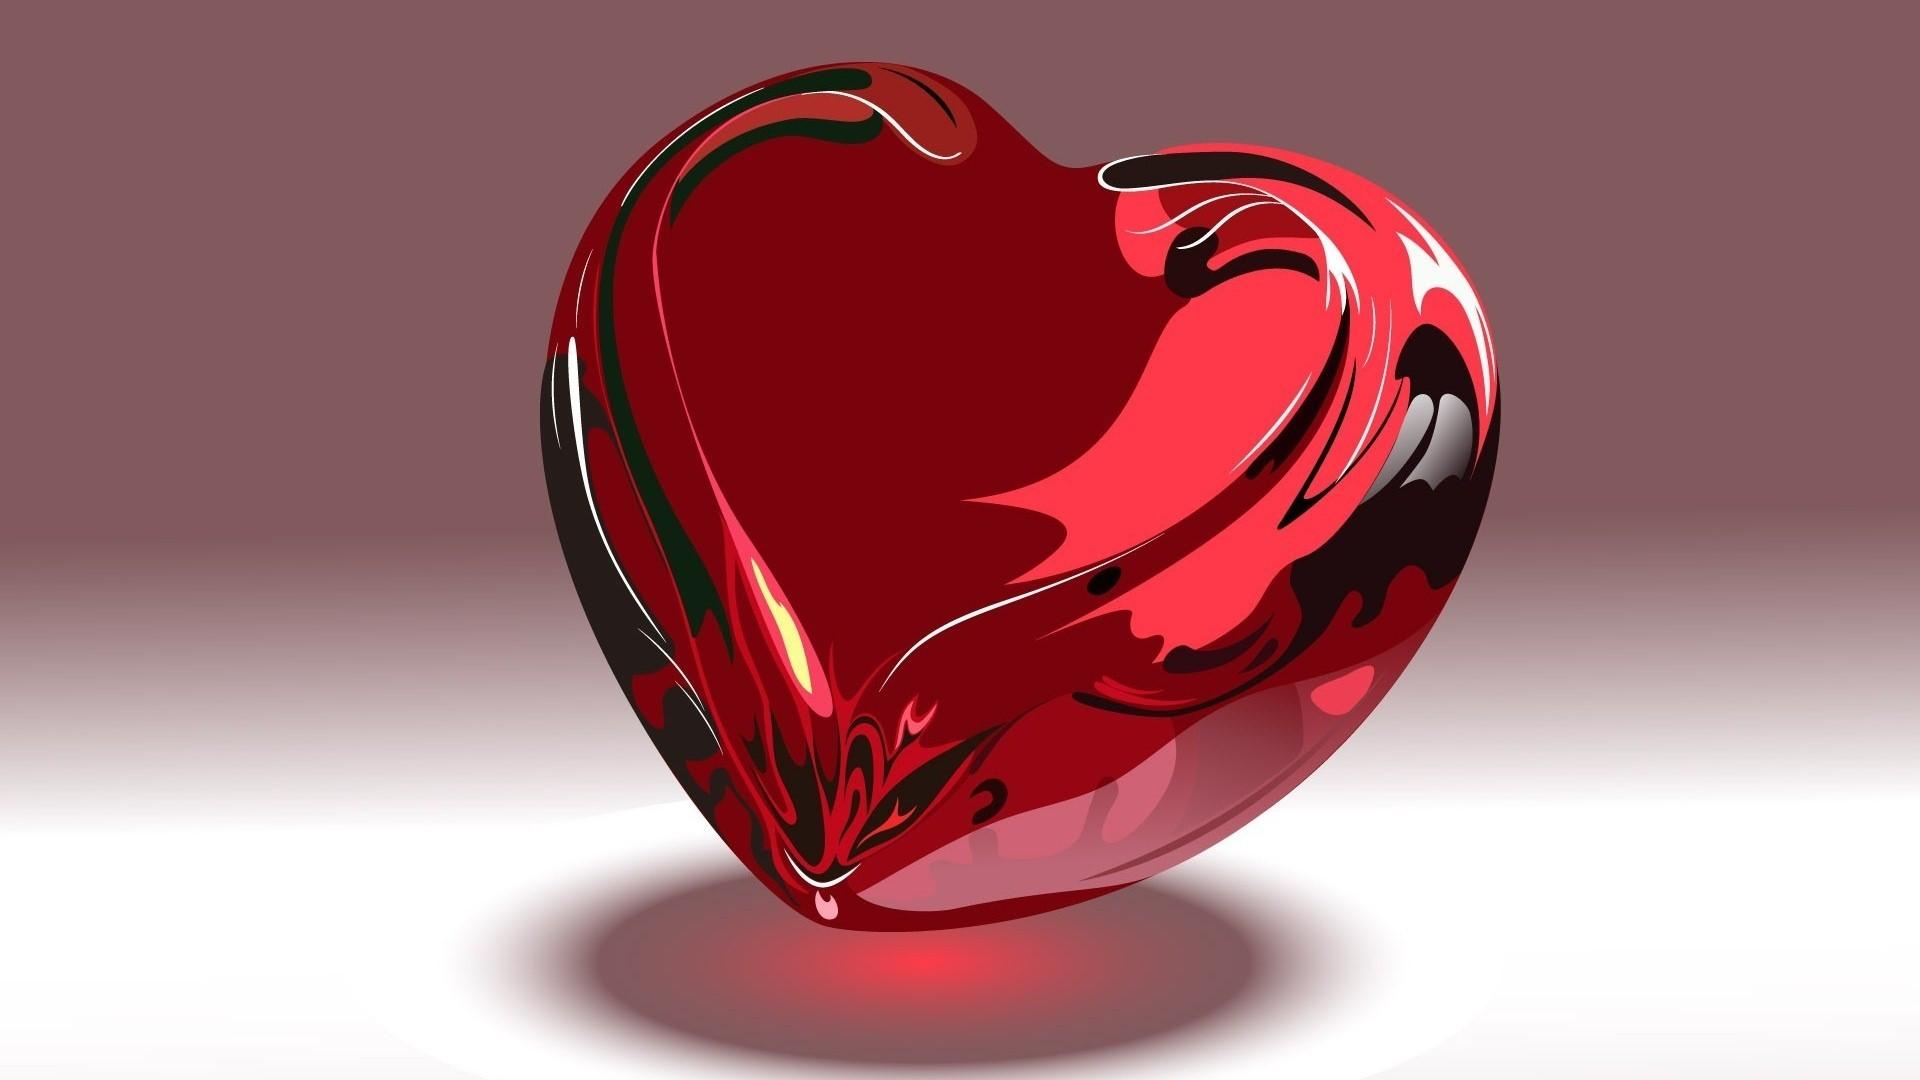 Red 3D Heart Wallpaper HD Wallpapers 1920x1080